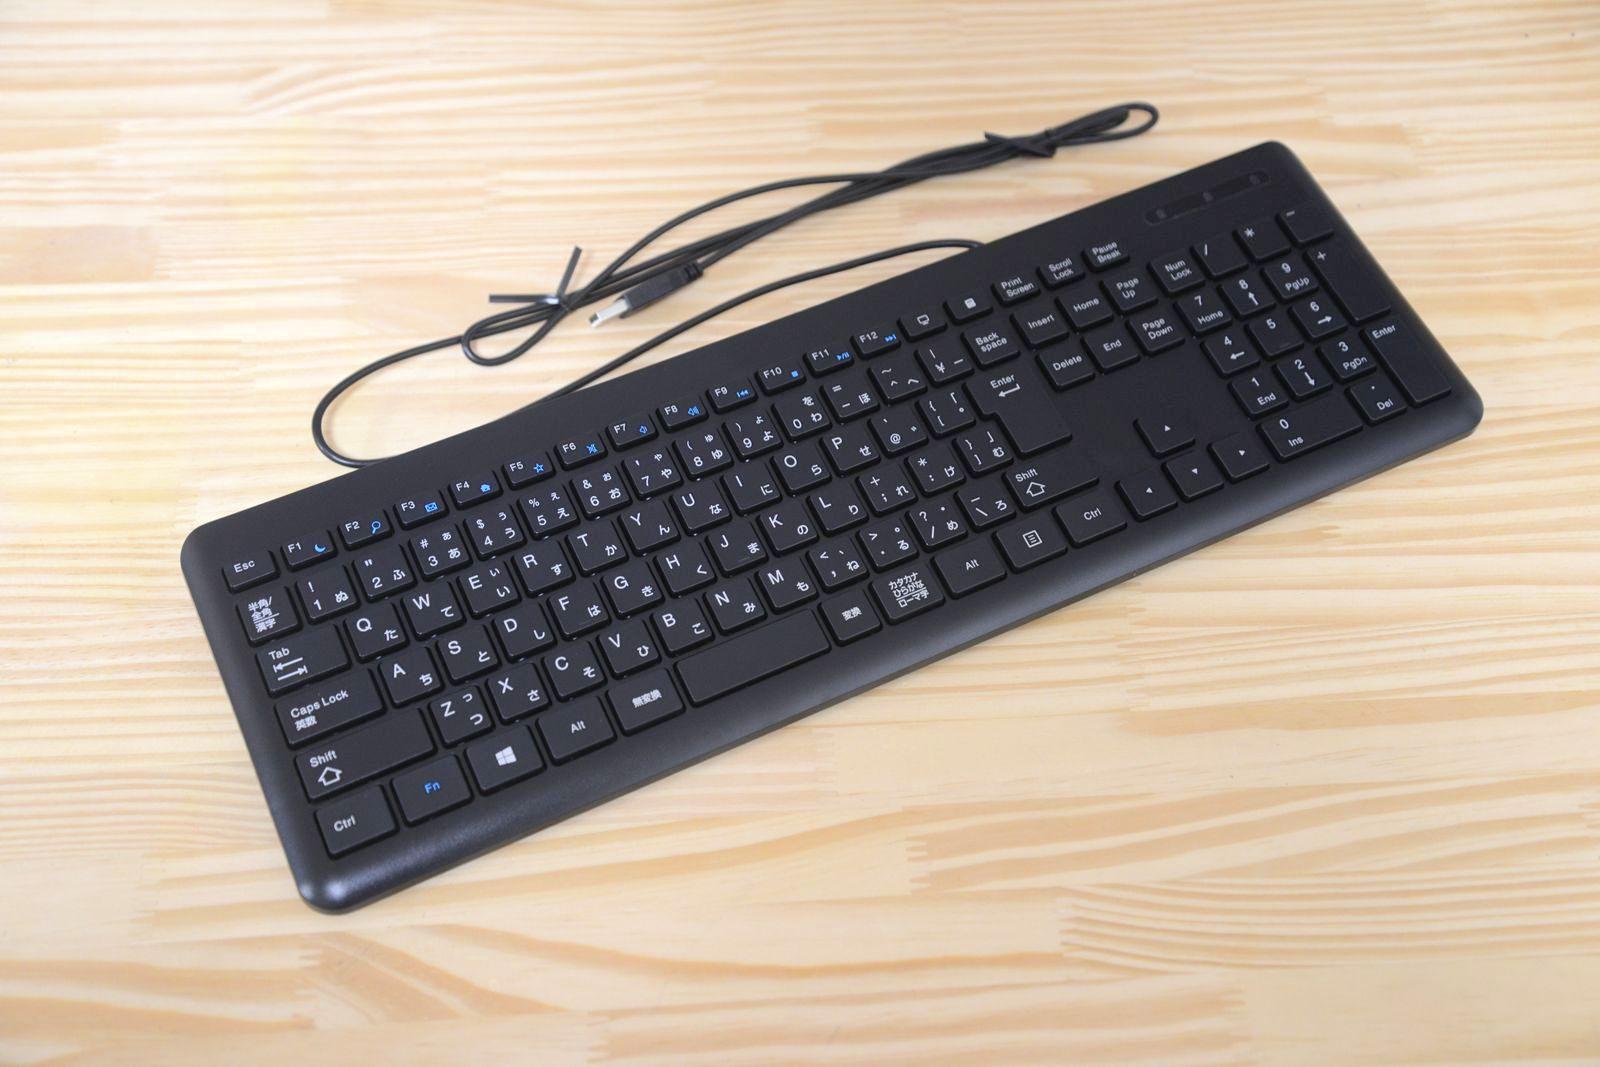 これぞ低価格キーボードの決定版、LITEONのUCL111UBK1/USB。キーストロークは浅く、タッチは軽い。キーボード選びで迷ったらこれを選んでおき、じっくり自分好みを探すという手もある